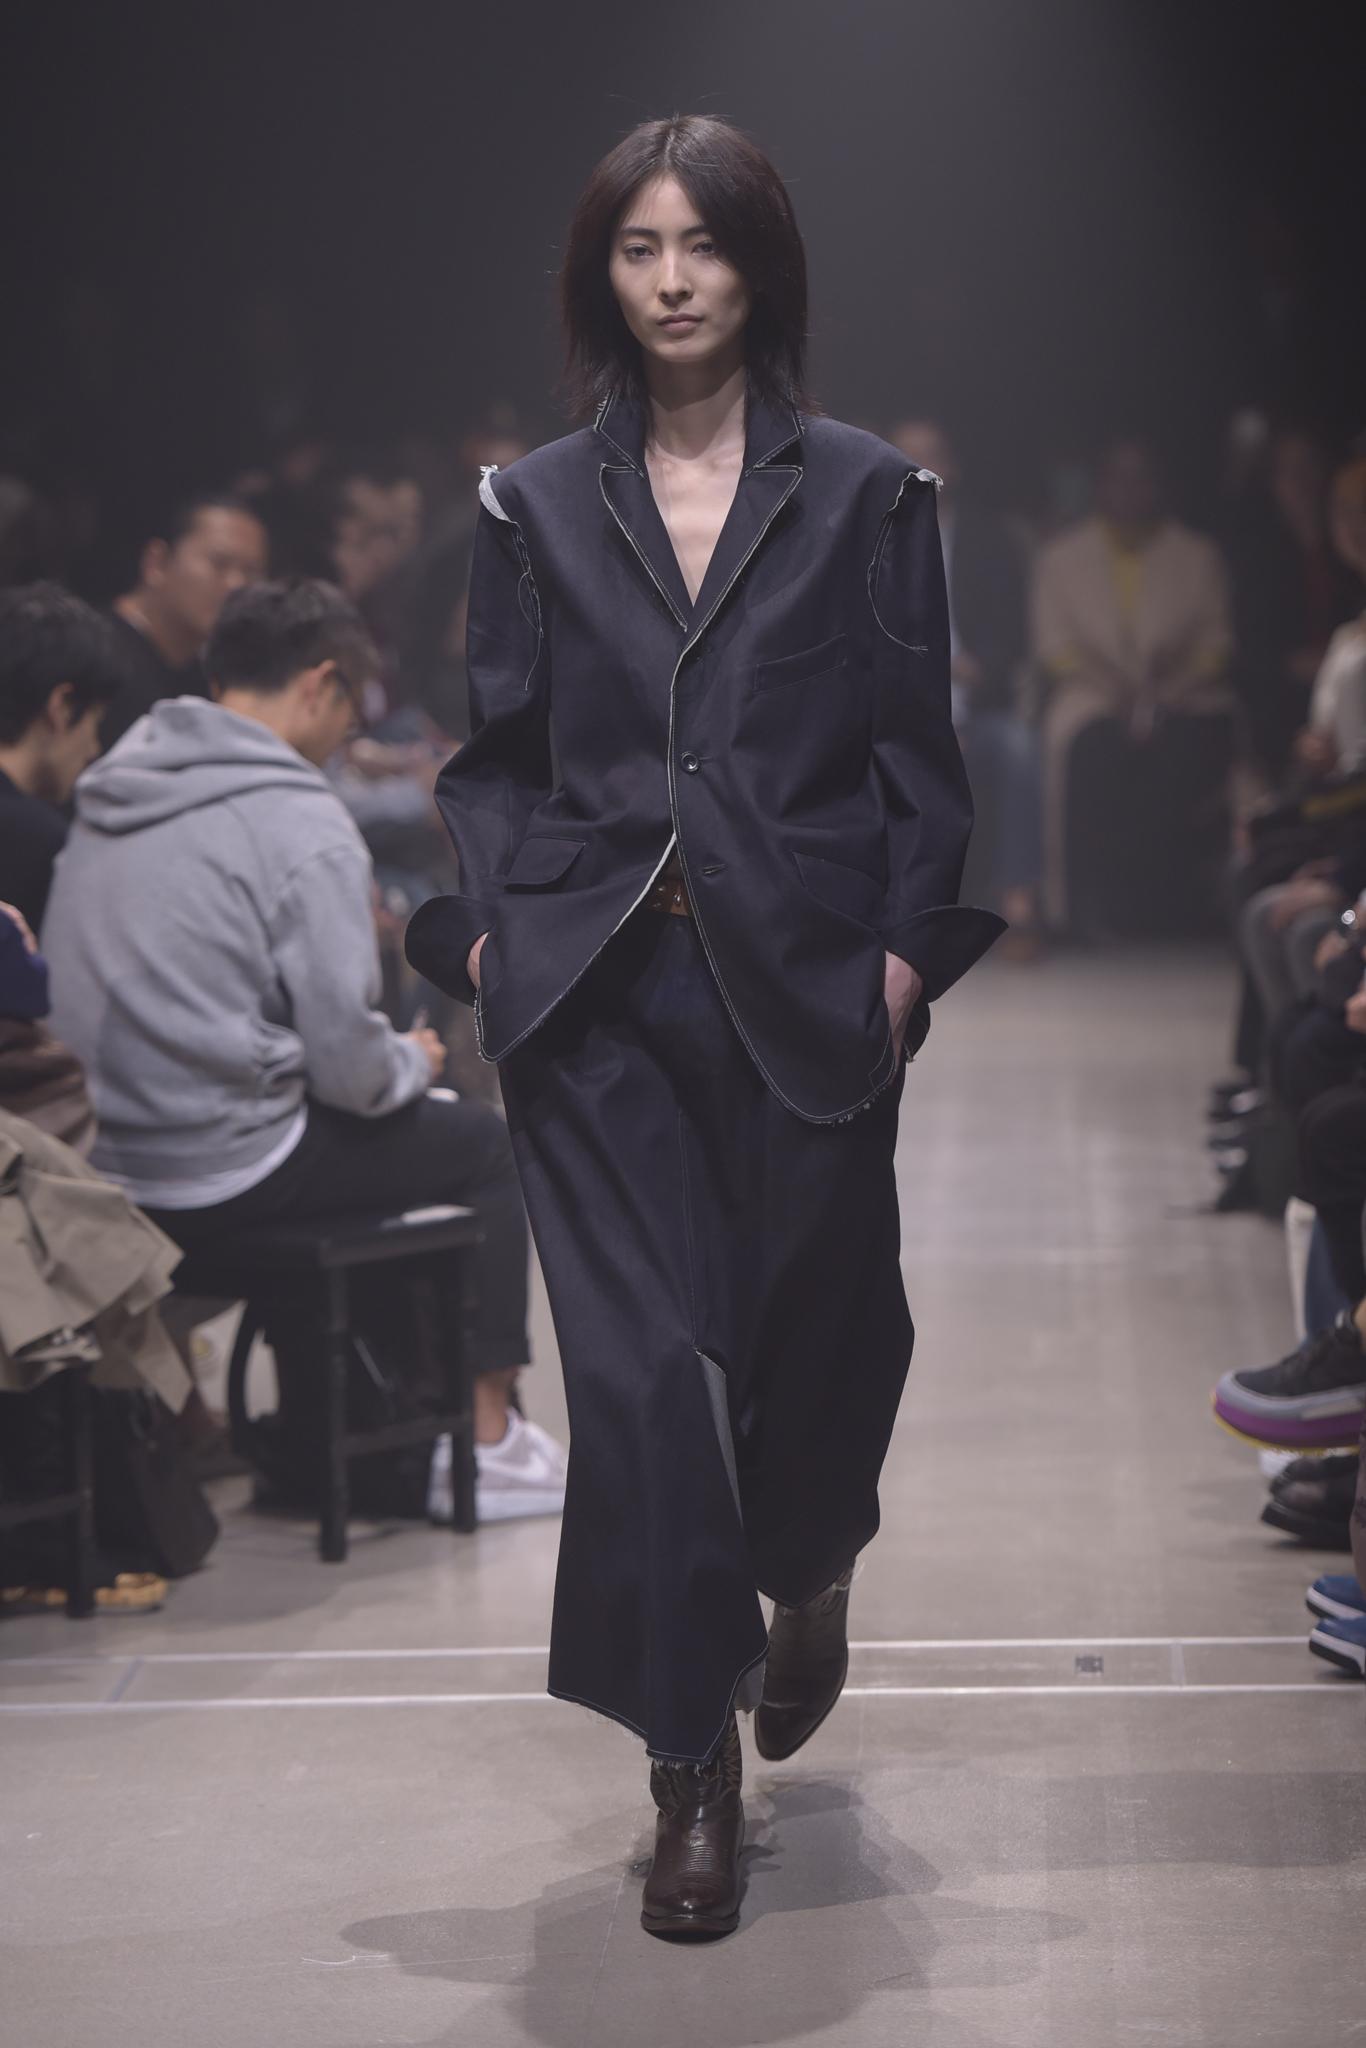 Bolt print Suits : Μια ξεχωριστή τάση για τολμηρούς!